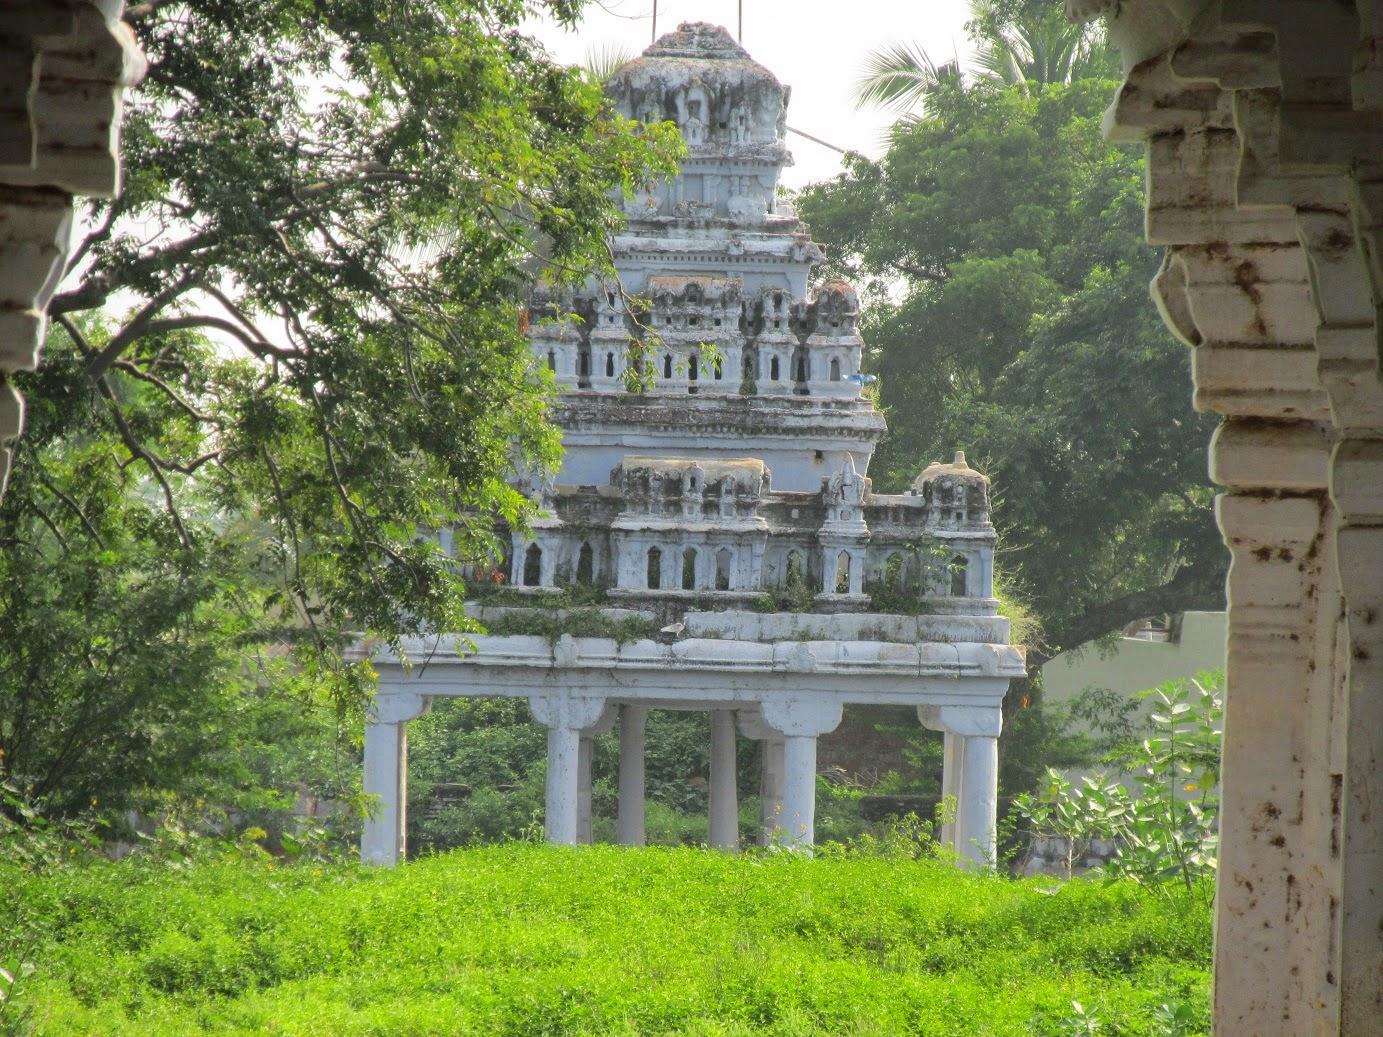 Veeravanallur Bhoominathar Temple